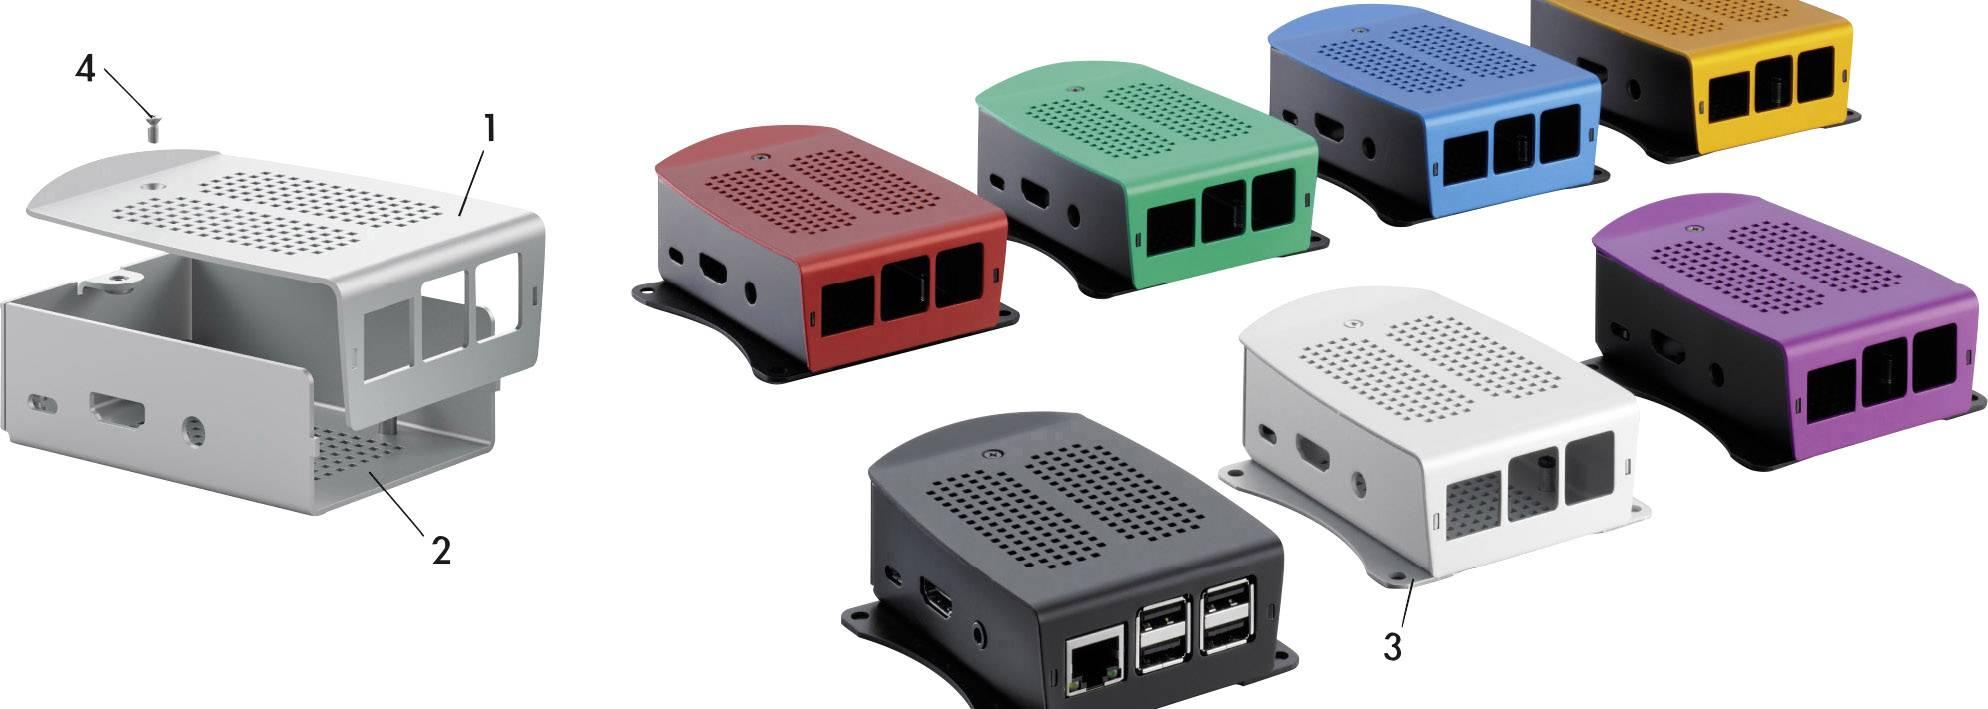 Kryt pro Raspberry Pi® Fischer Elektronik 10132688, přírodní, černá